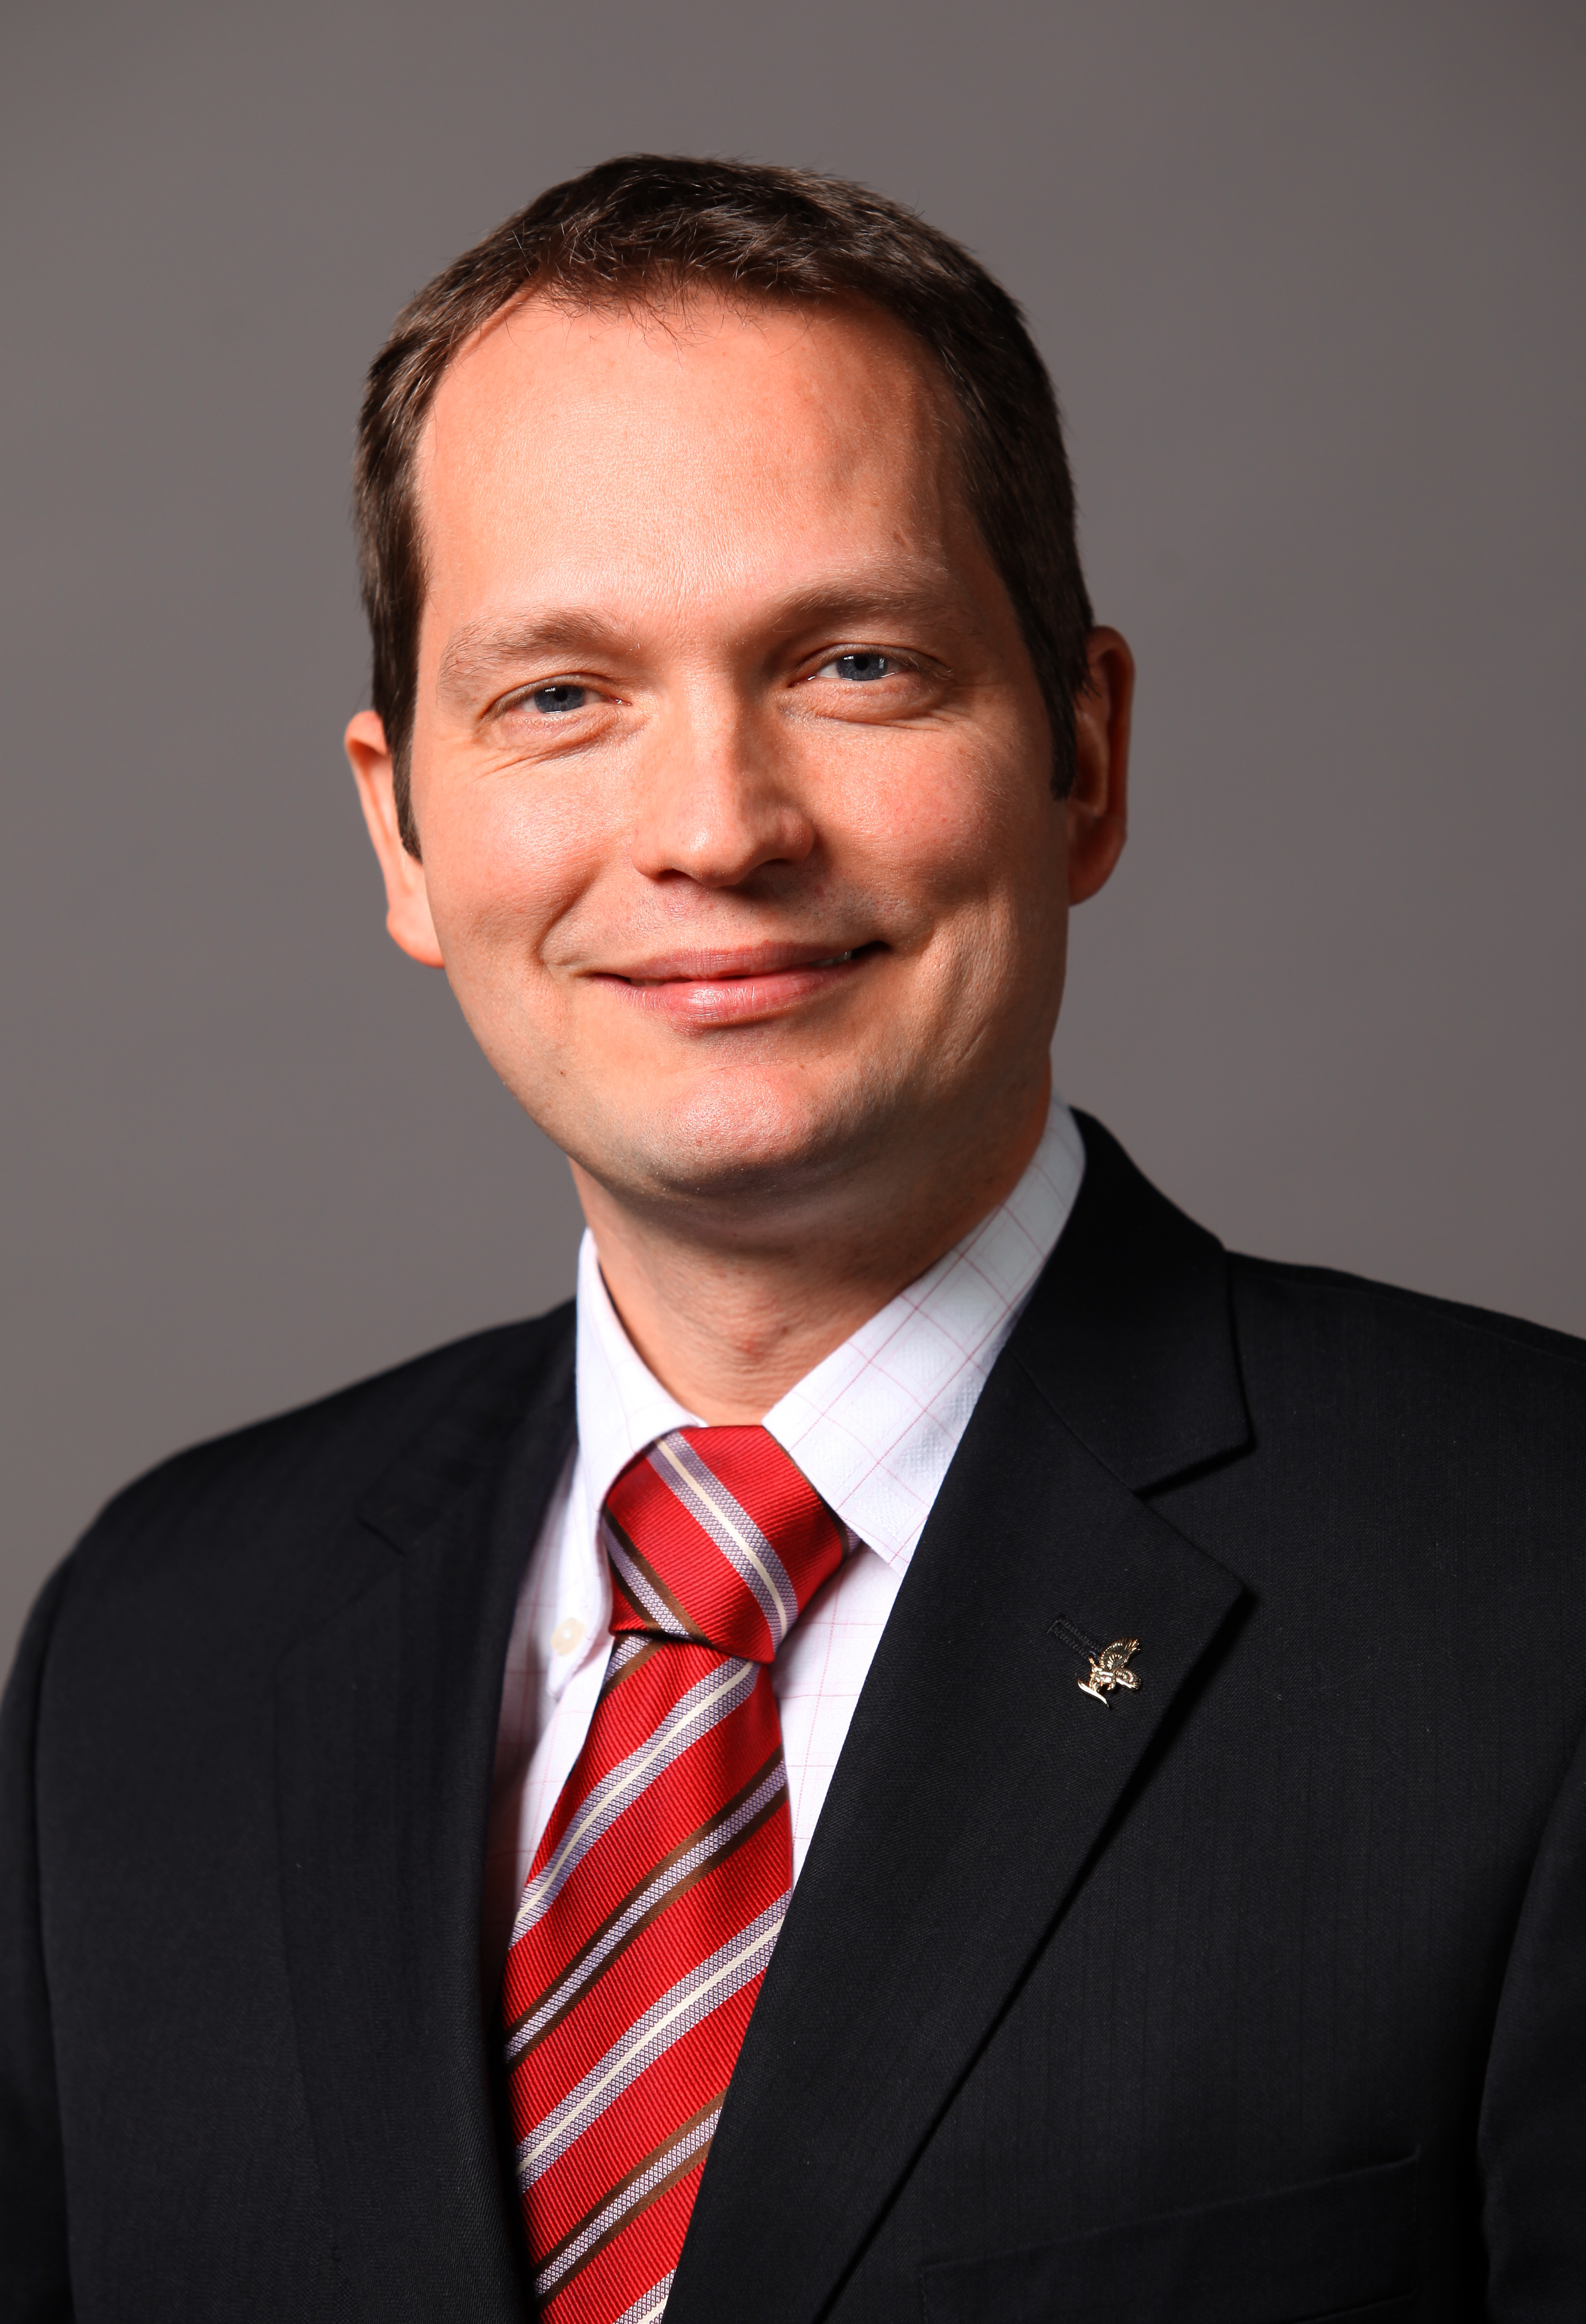 Lenkey Péter